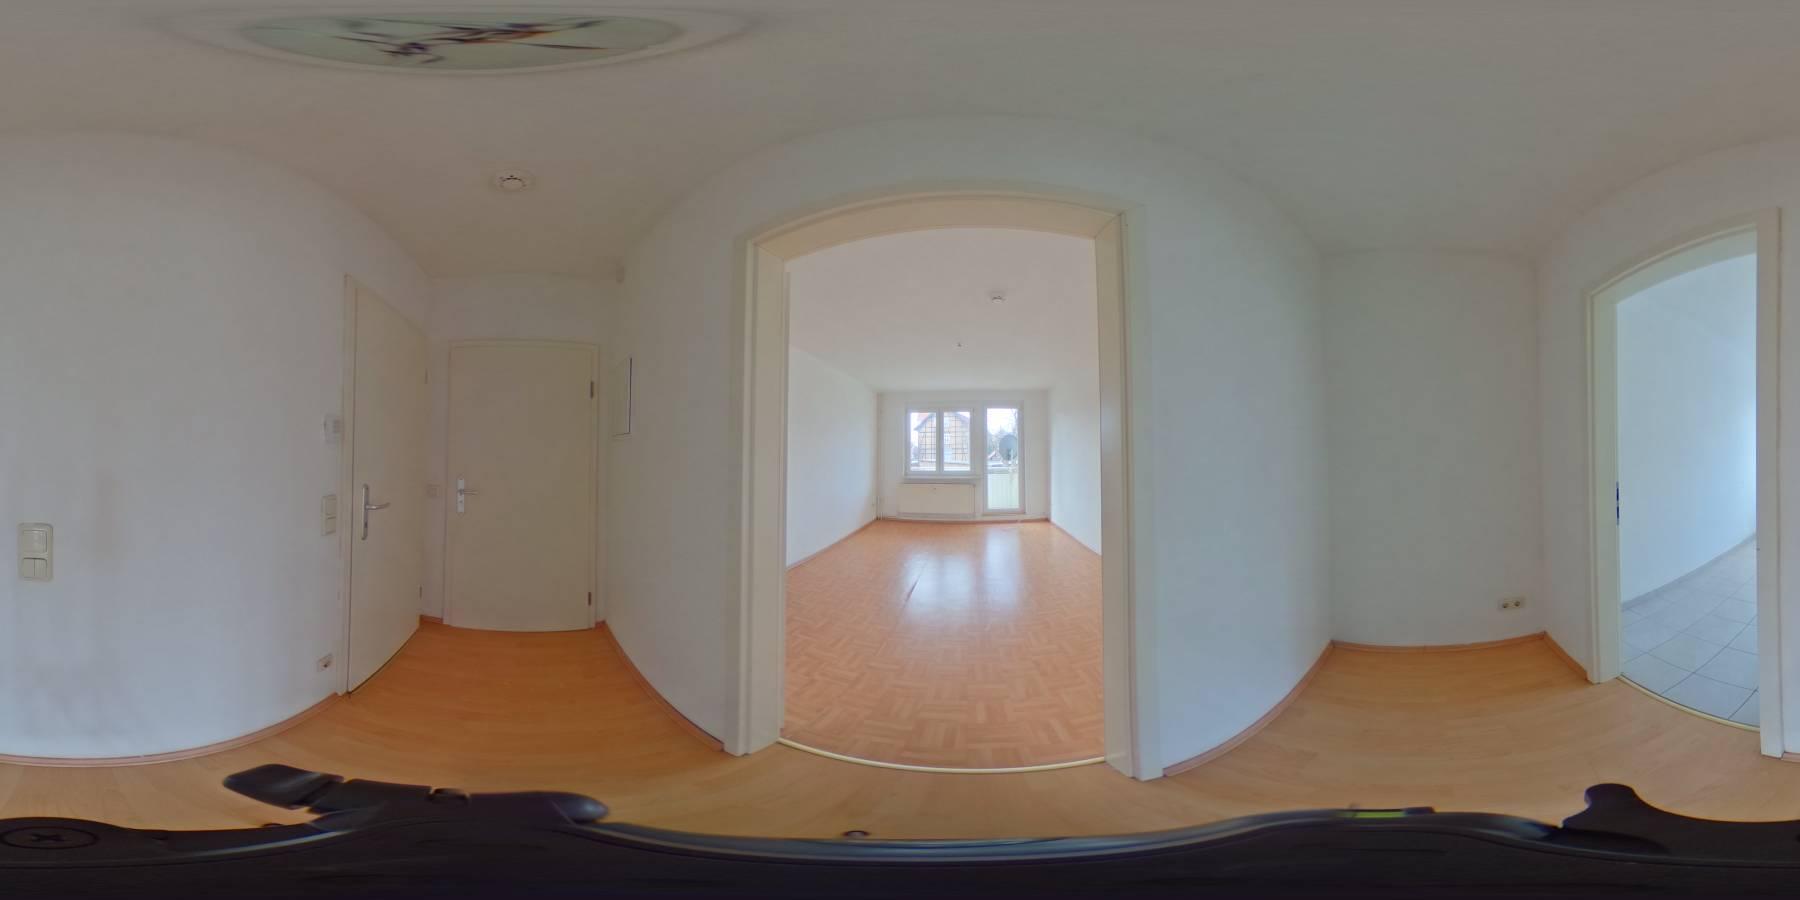 Singel-Wohnung in Osterwieck zu vermieten 360 Grad